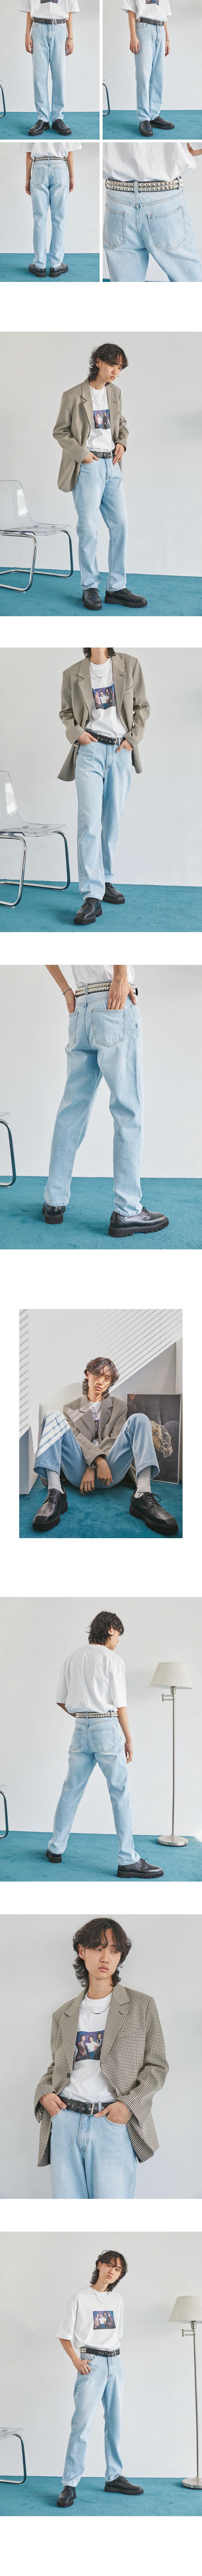 ice washing denim pants - men